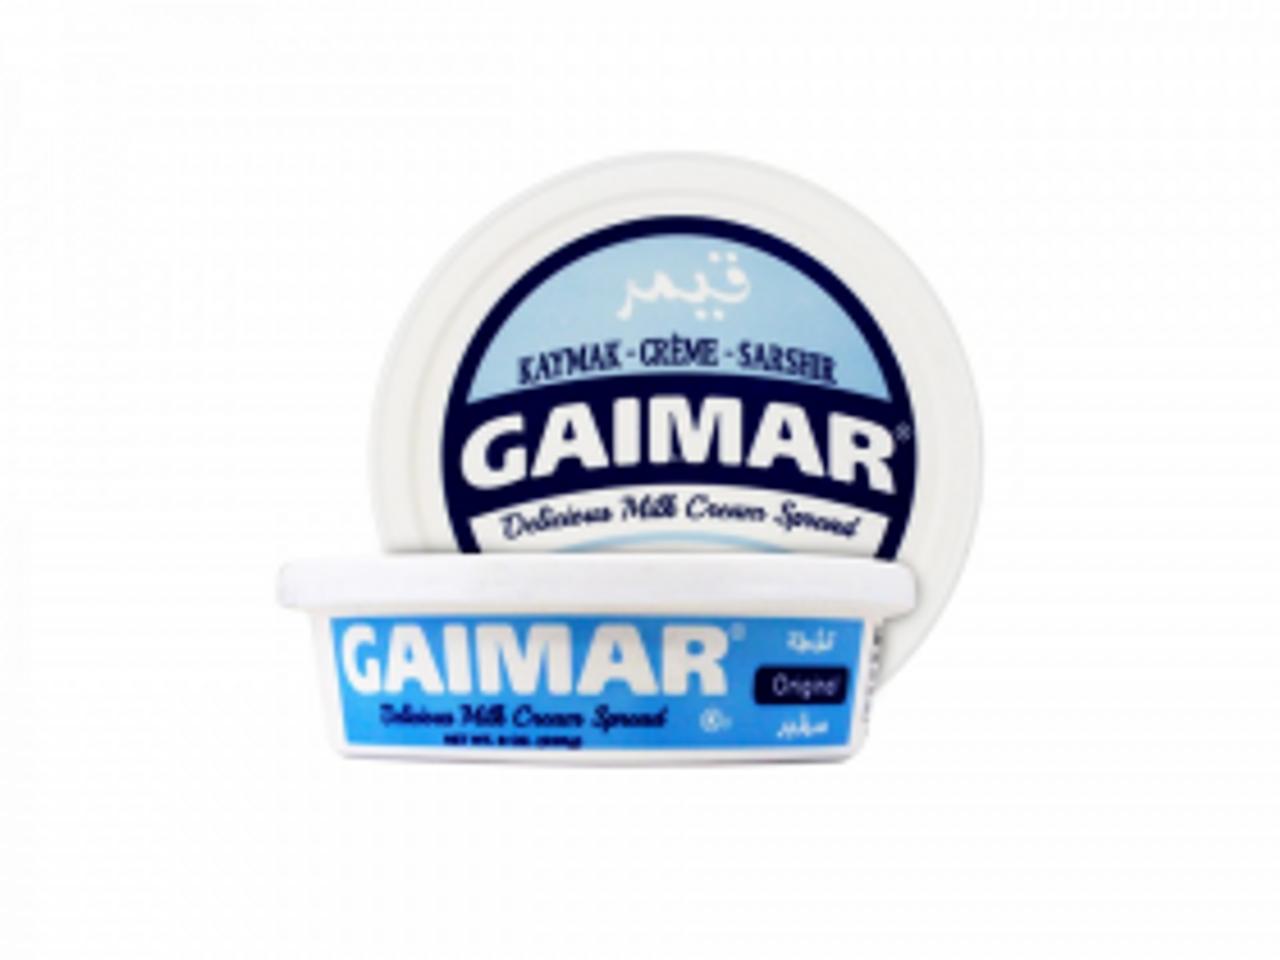 Gaimar Kaymak / Whipped Thick Cream - 226 gr / 8 oz